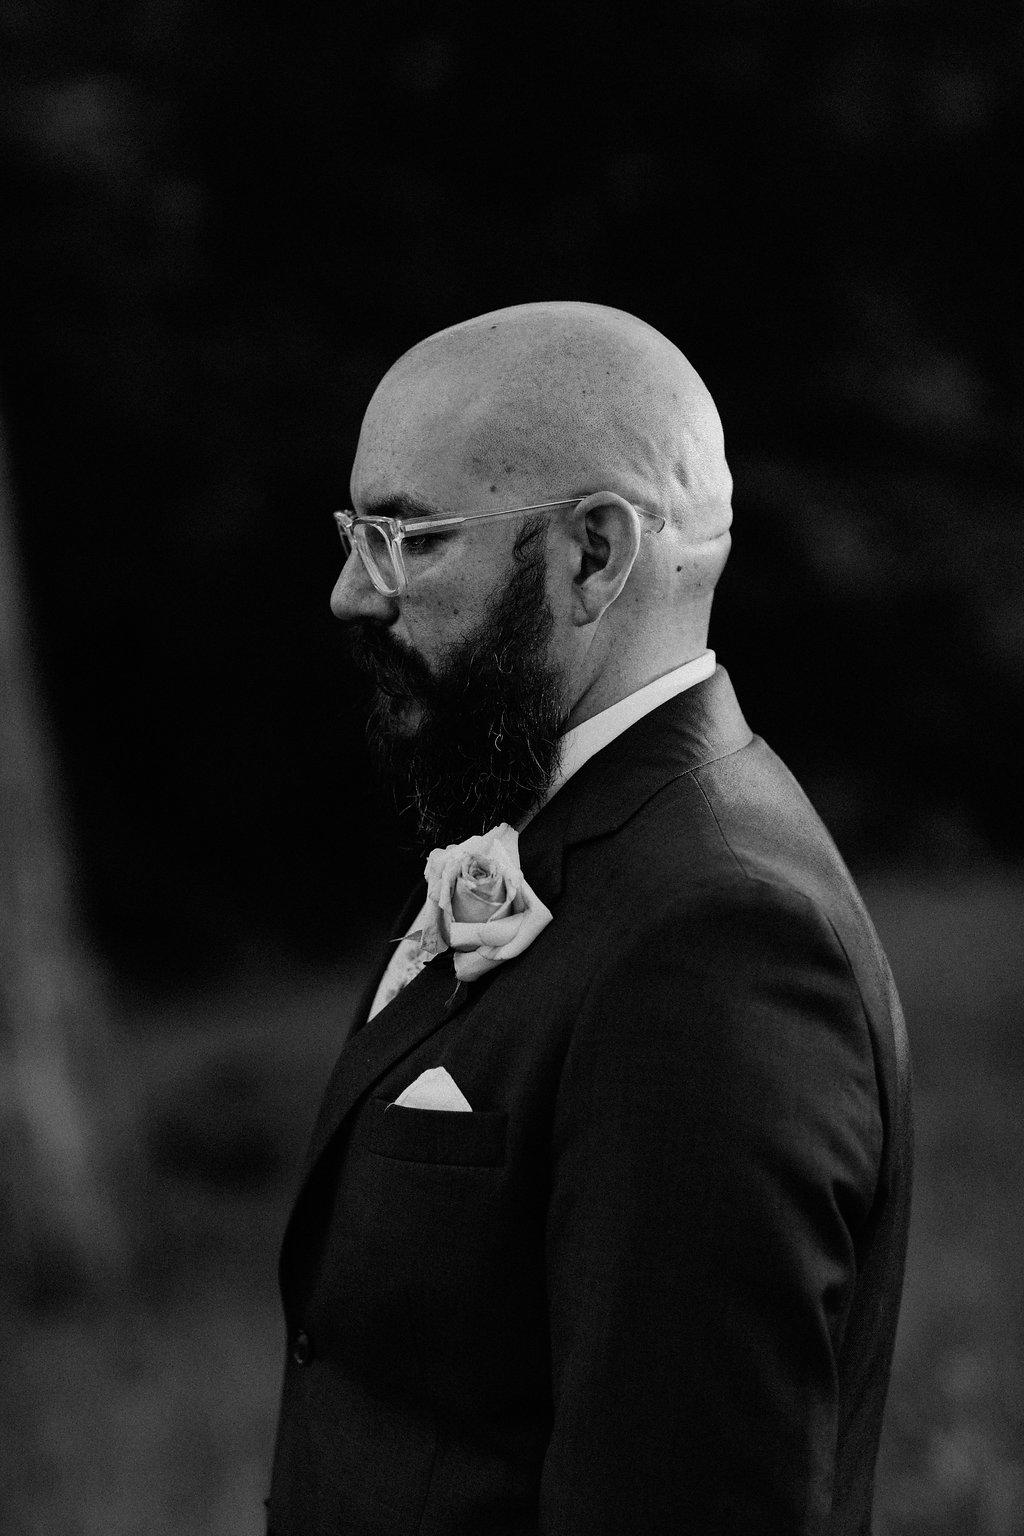 maldonado_wedding-5181.jpg